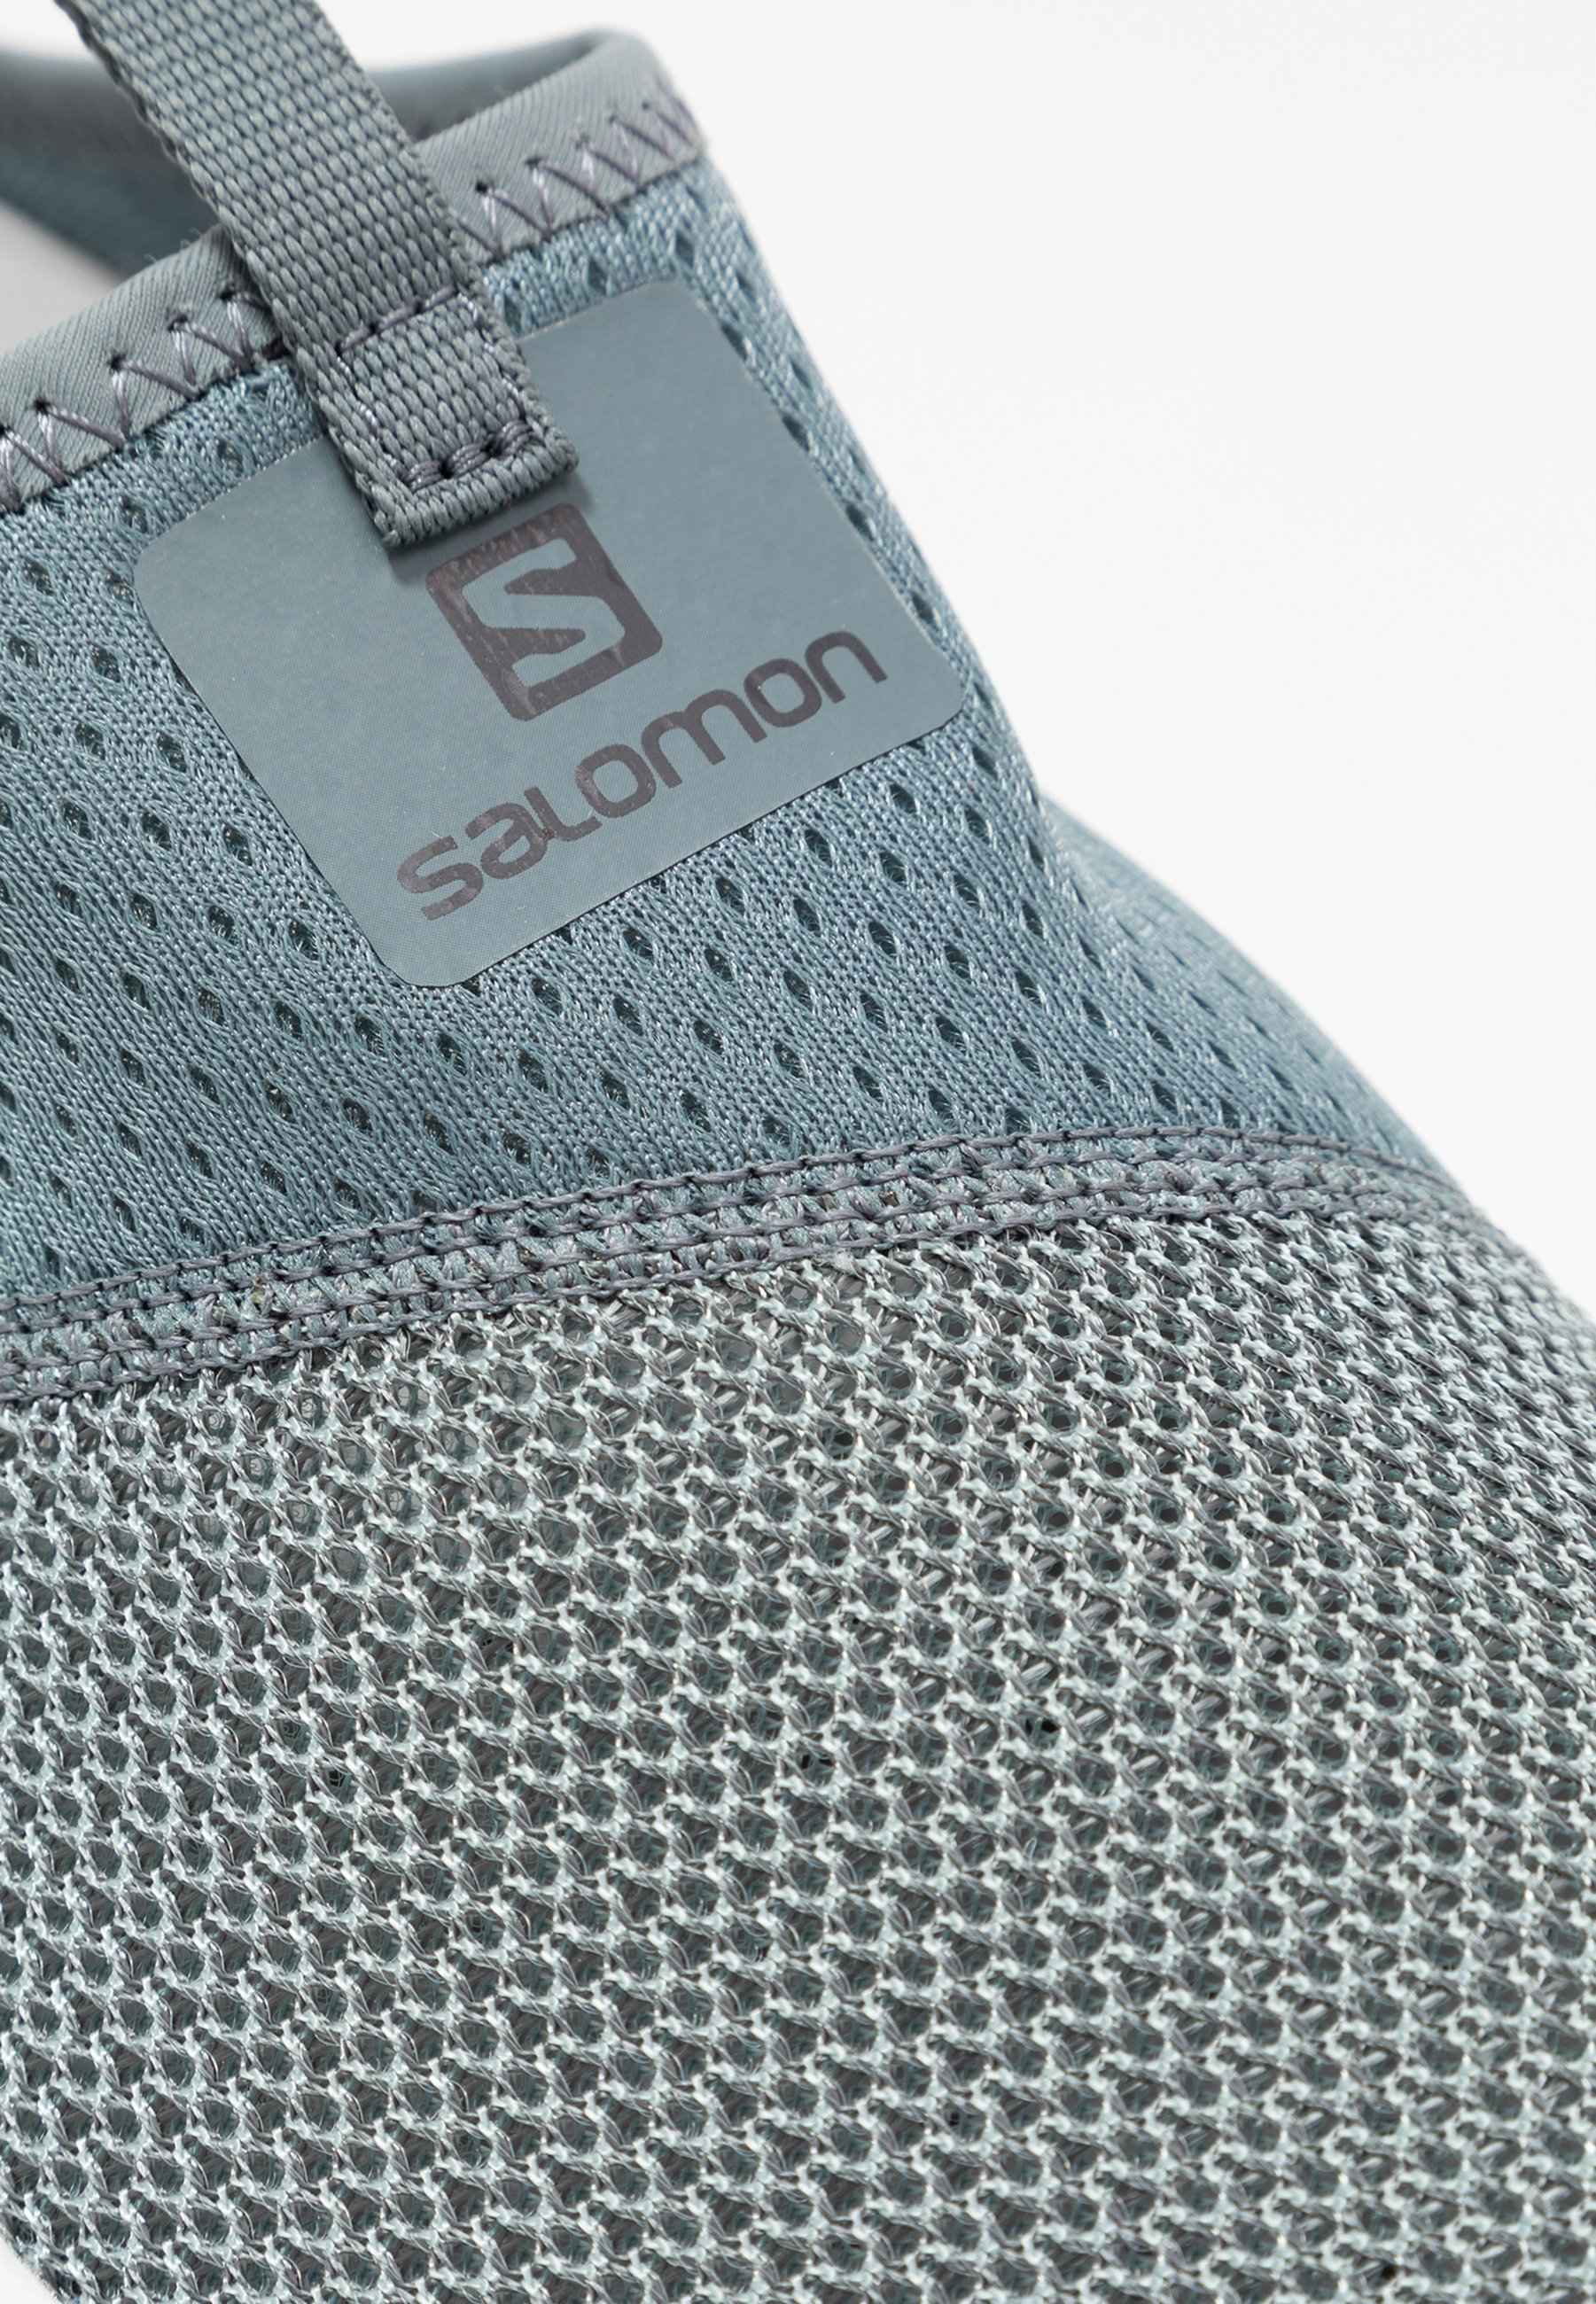 salomon rx slide 4.0 clog - schwarz led